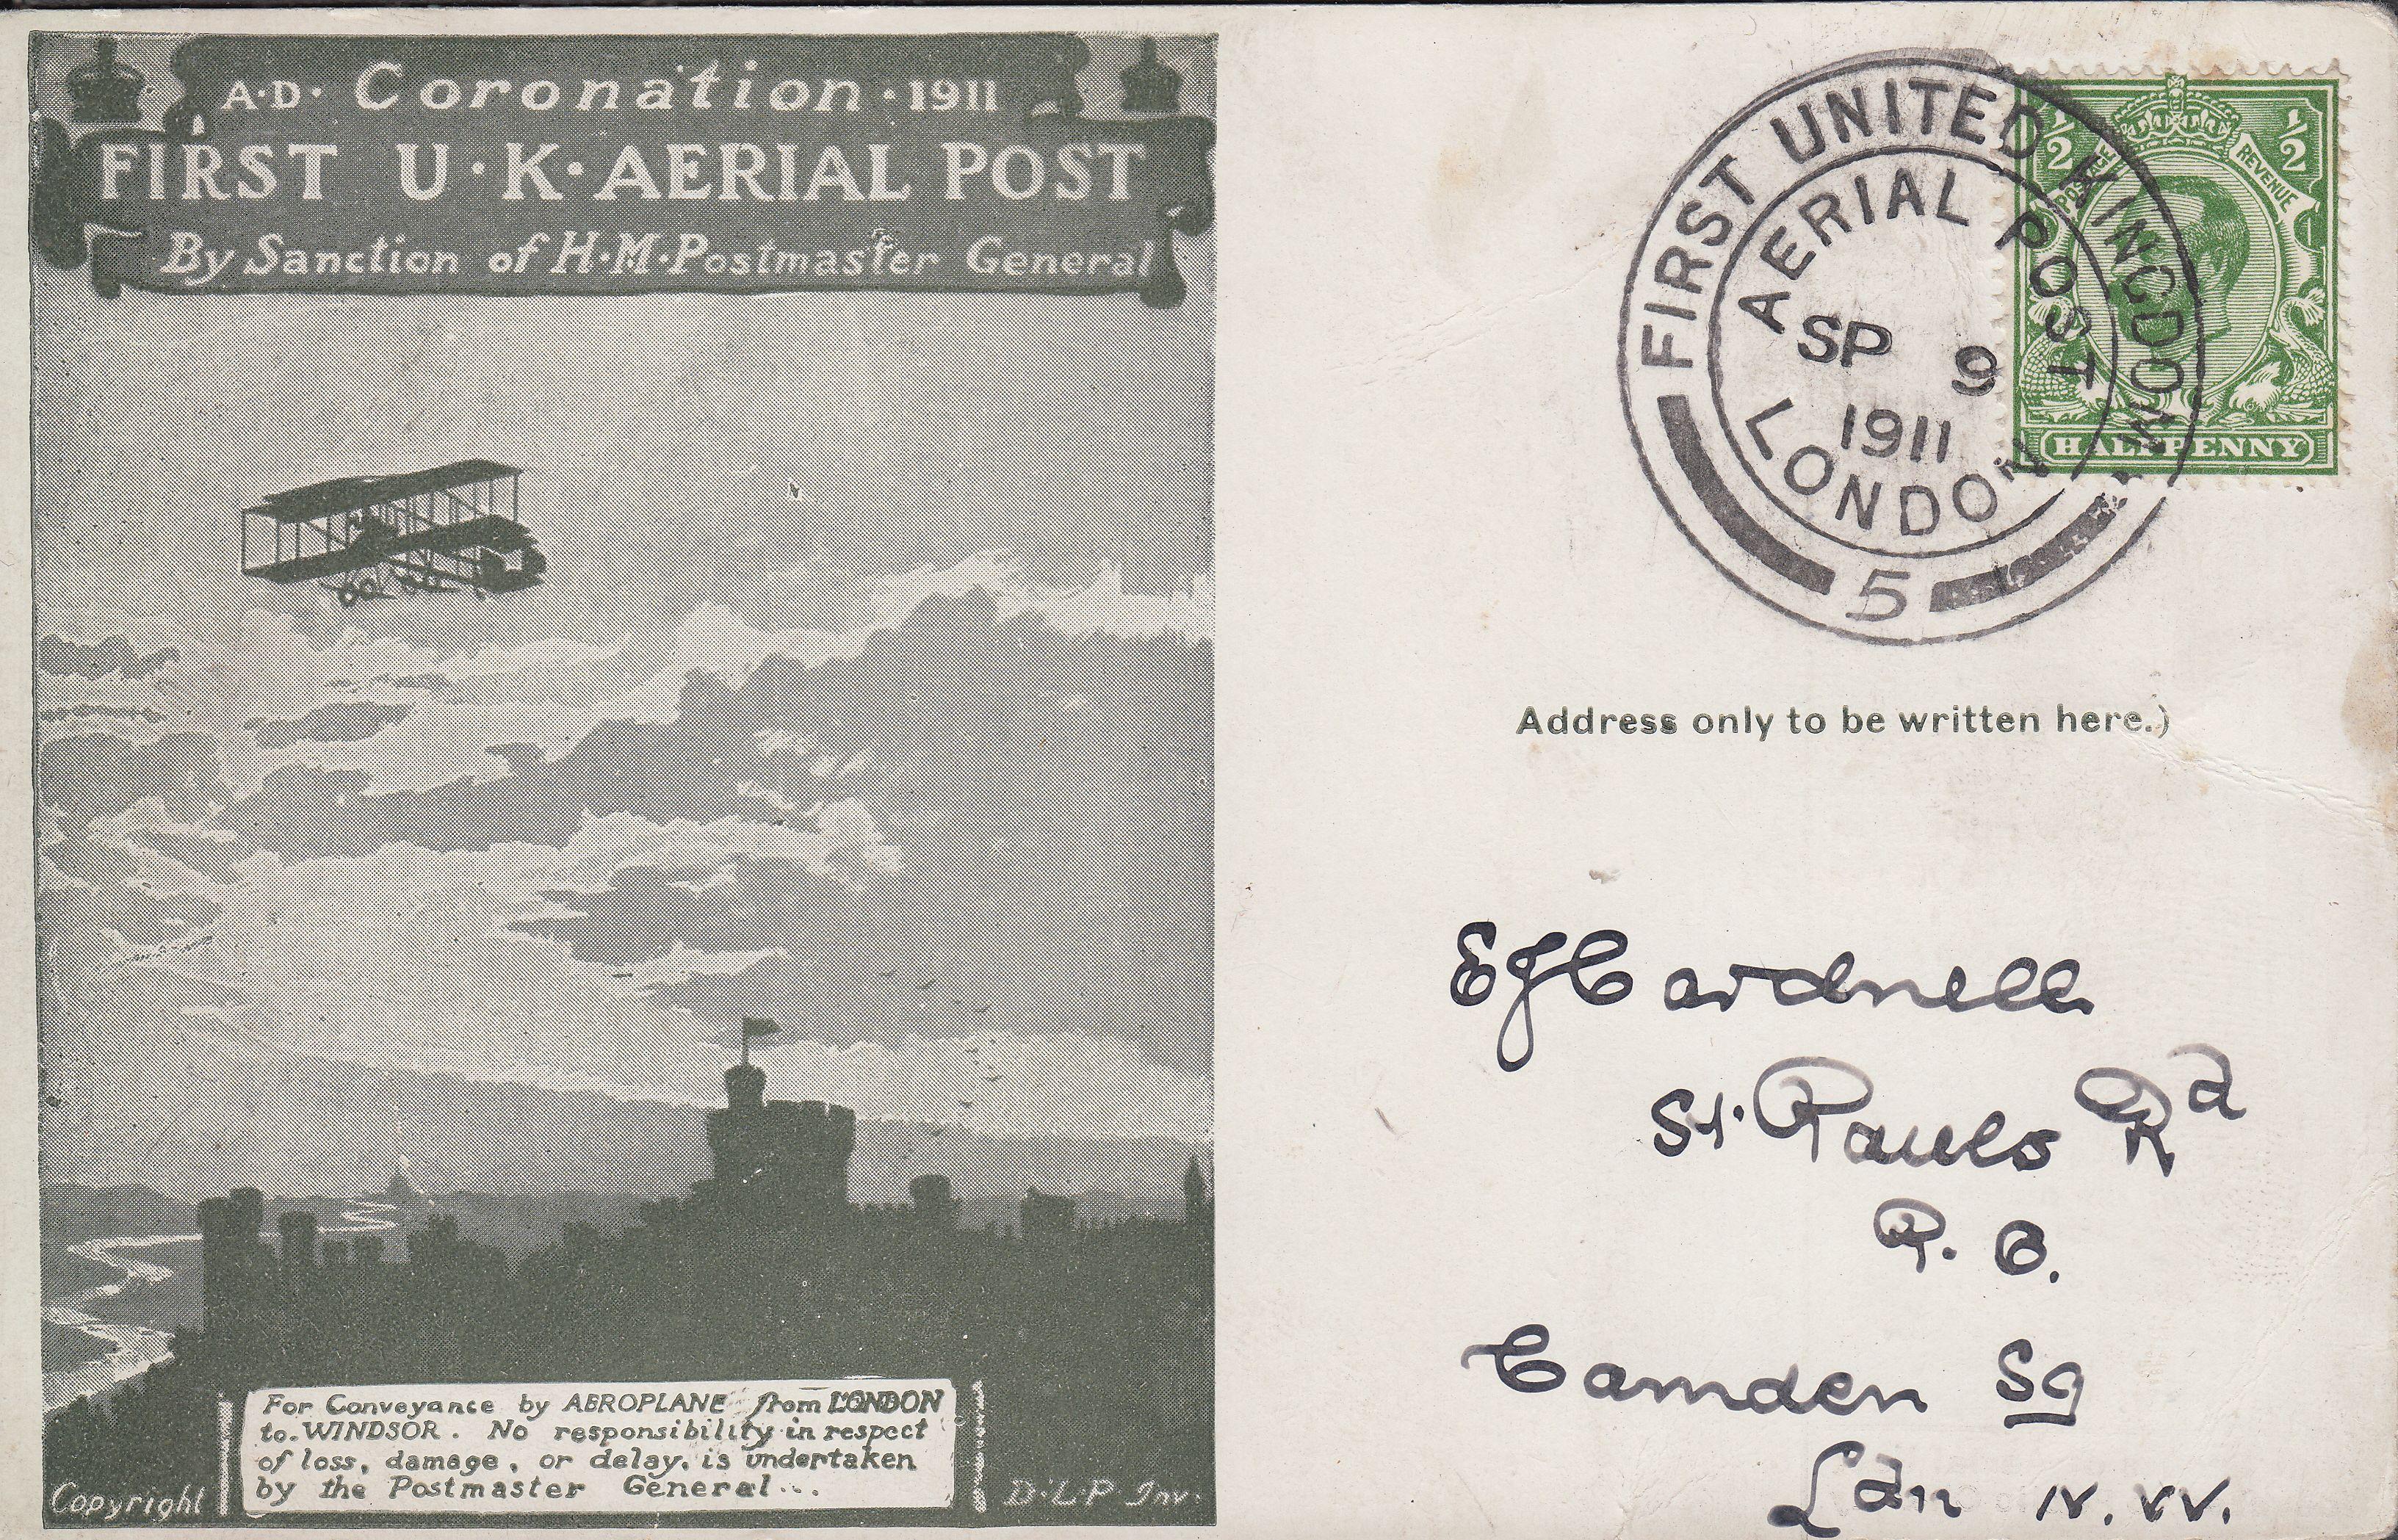 1911 Aerial Flight cover (Bill Barrell)